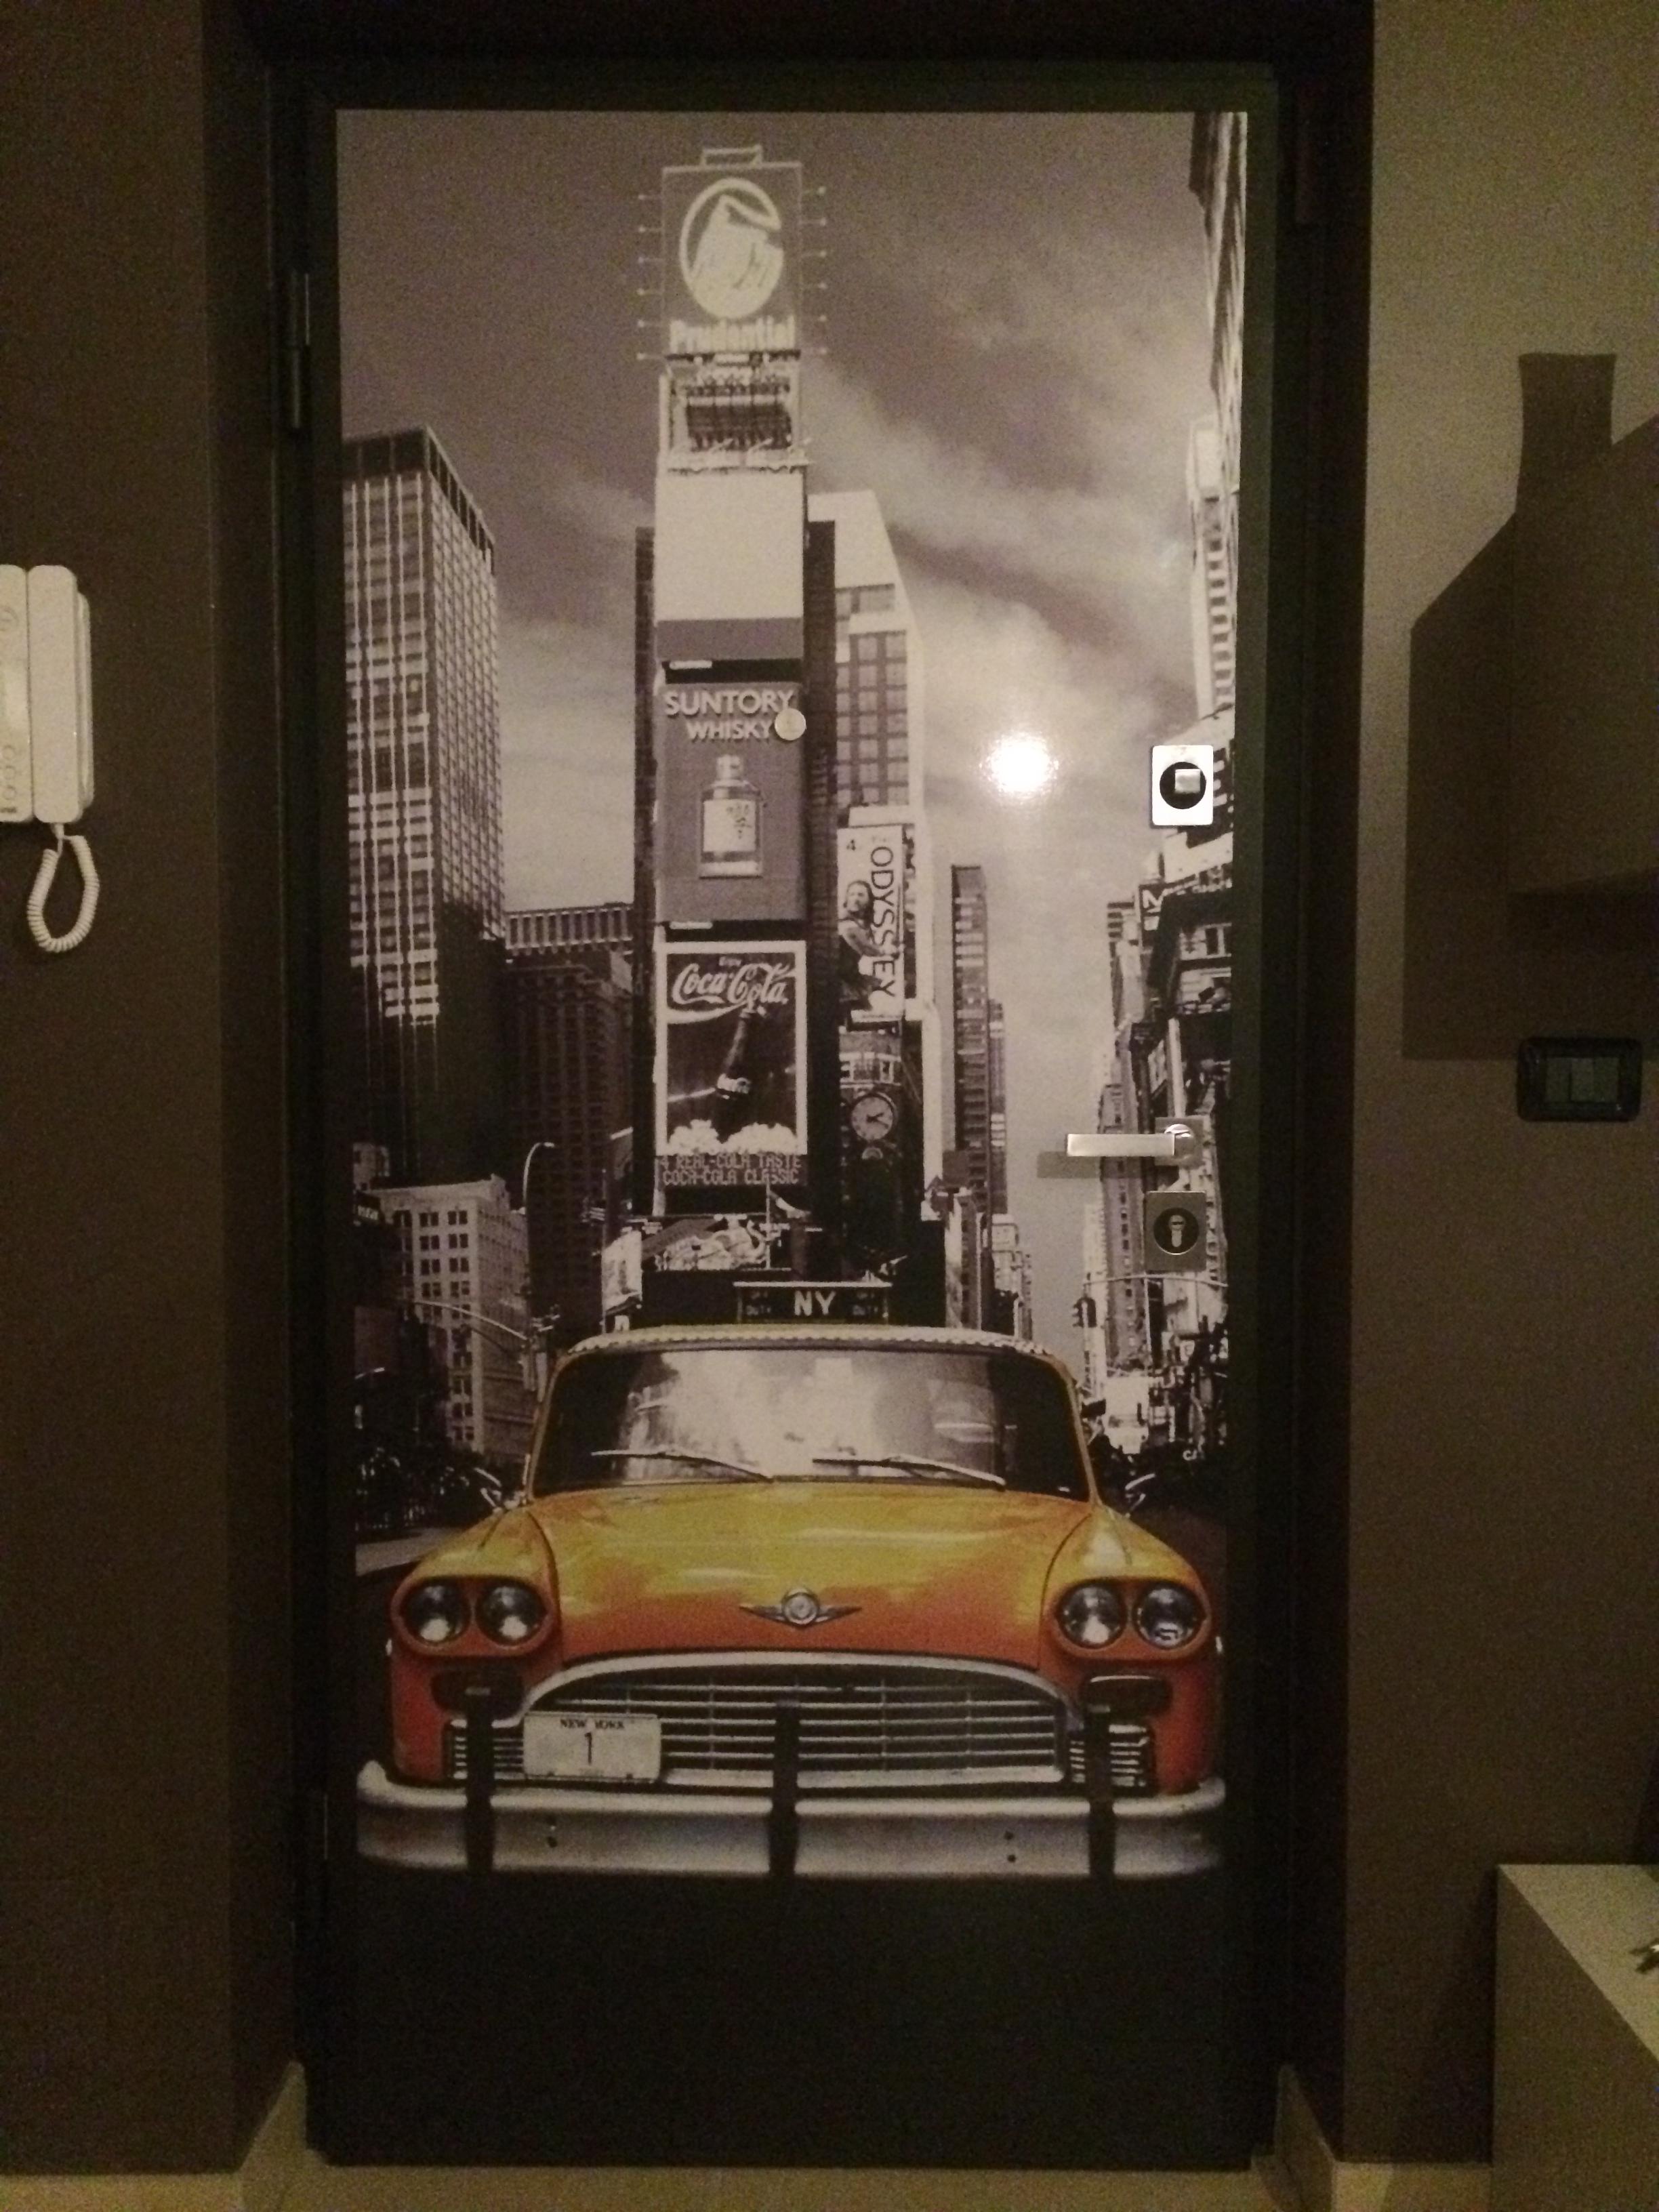 porta blindata porta blindata con immagine sicurezza in casa chiave bulgara serratura a cilindro europeo design maniglieria linea quadra argento